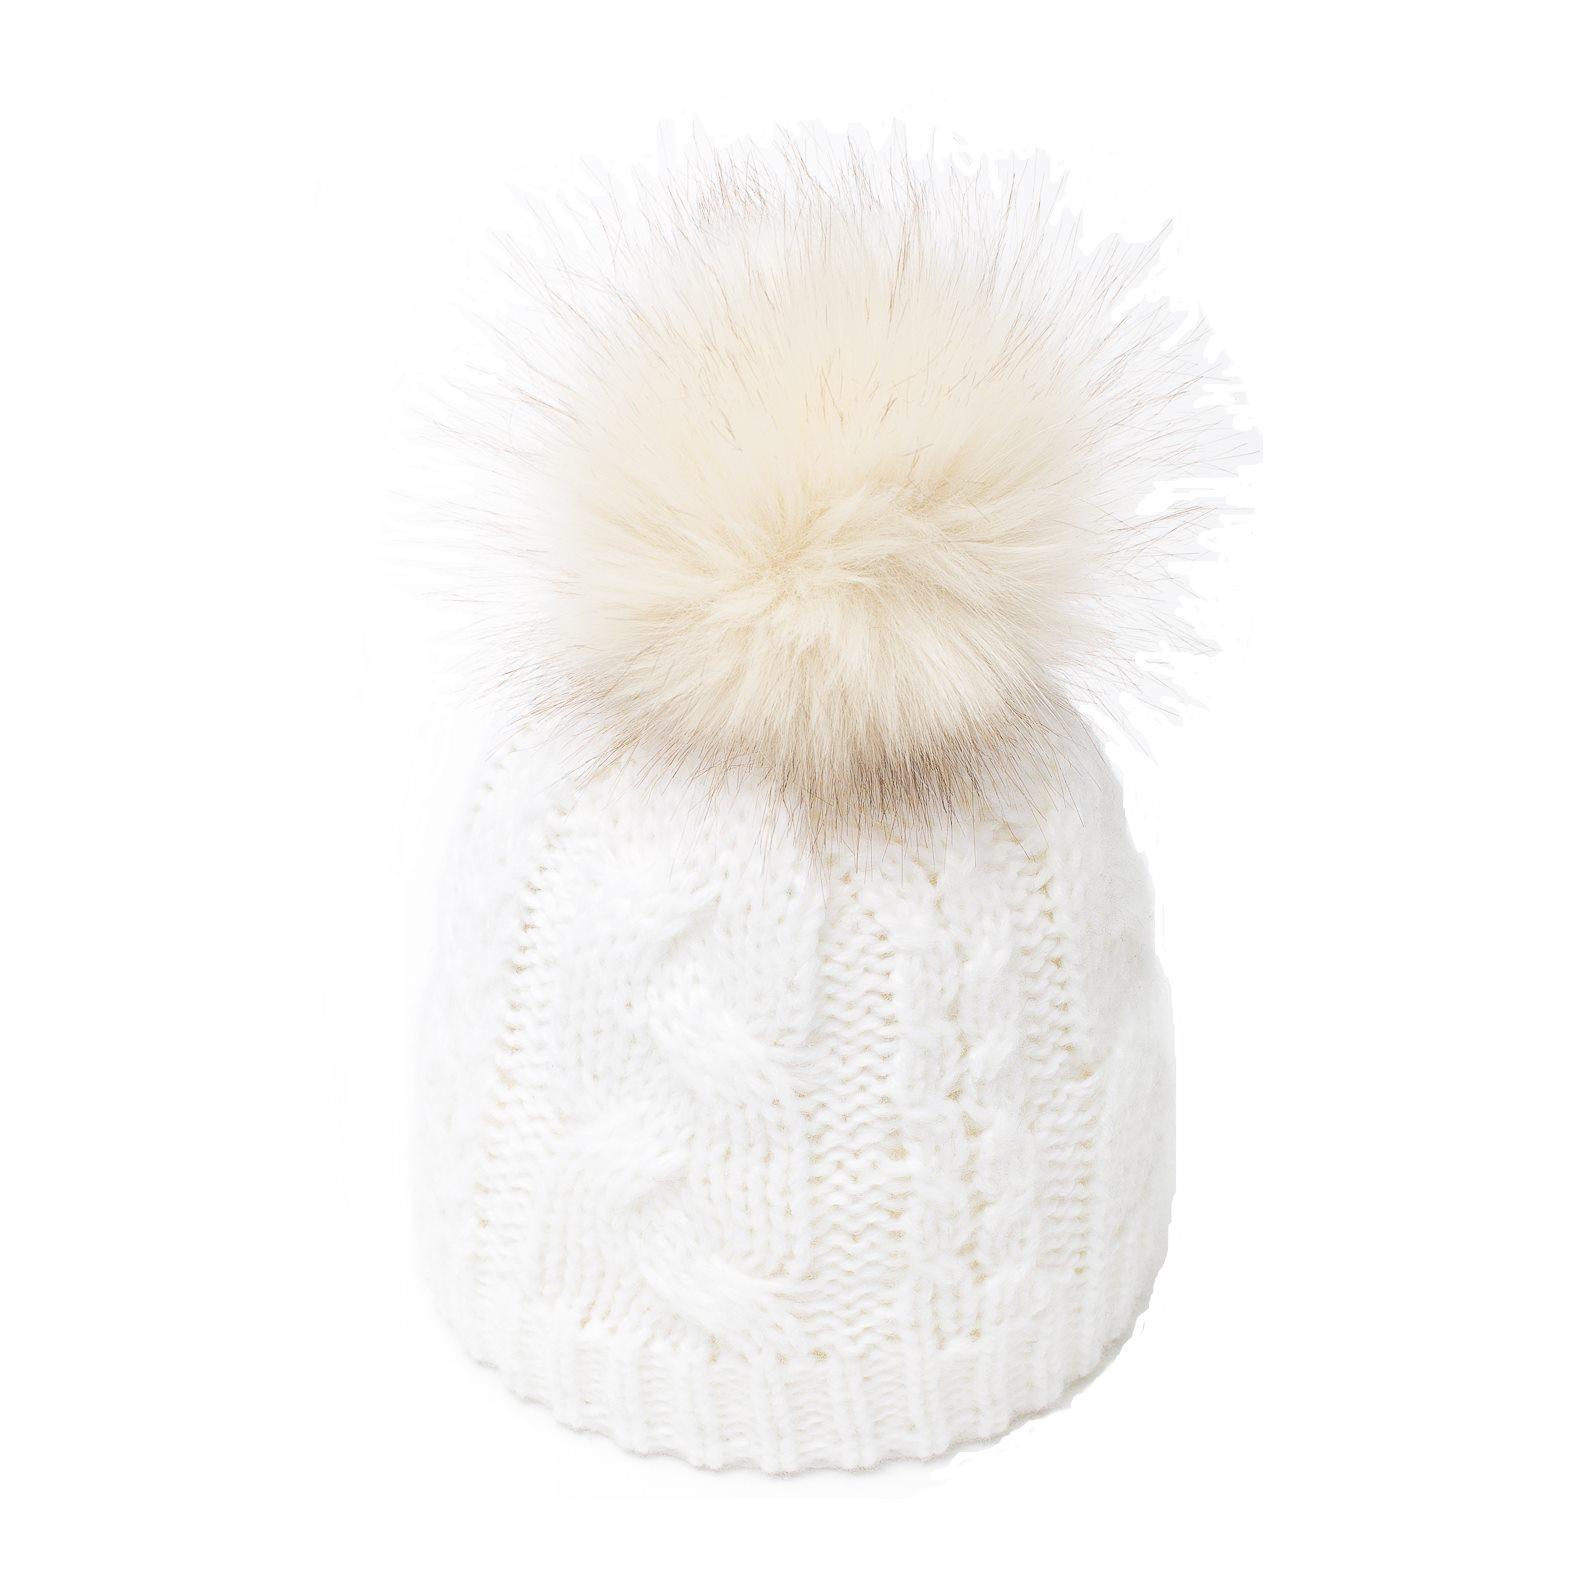 e3a8d30fea Bonnet Pompon Fausse Fourrure Sabi Blanc - Bonnet Femme